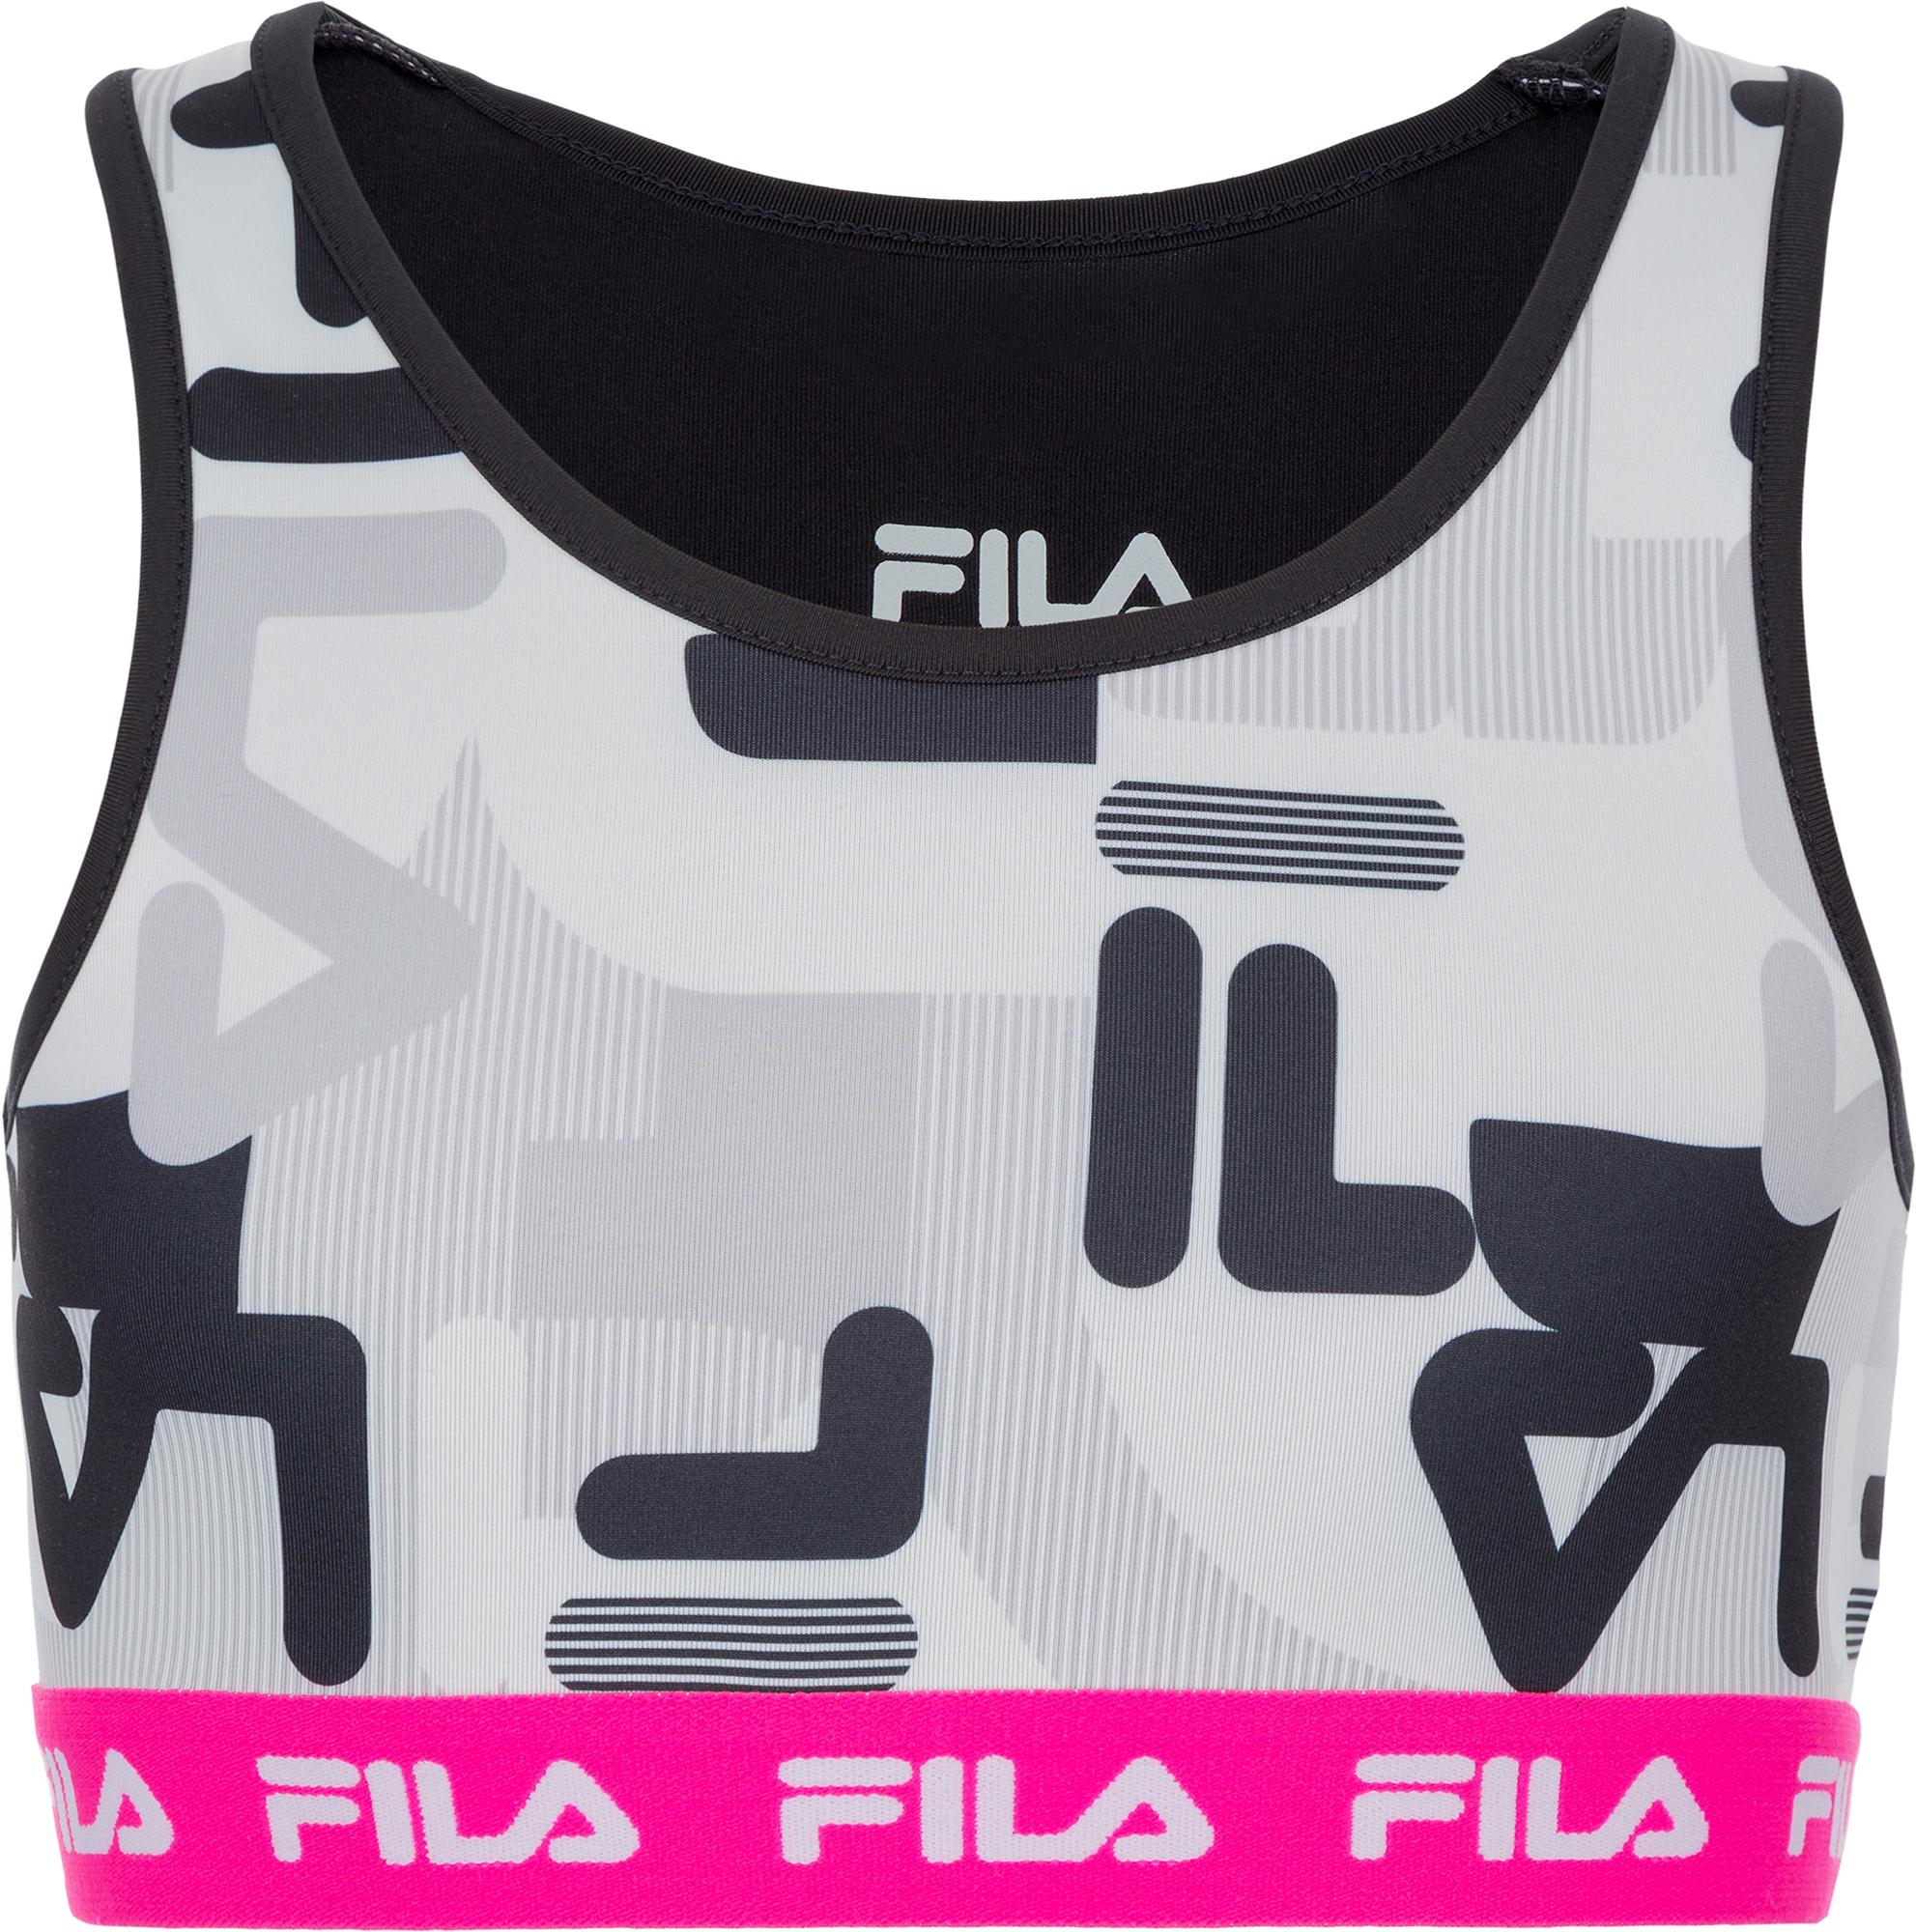 Fila Бра беговое для девочек Fila, размер 158 fila брюки для девочек fila размер 158